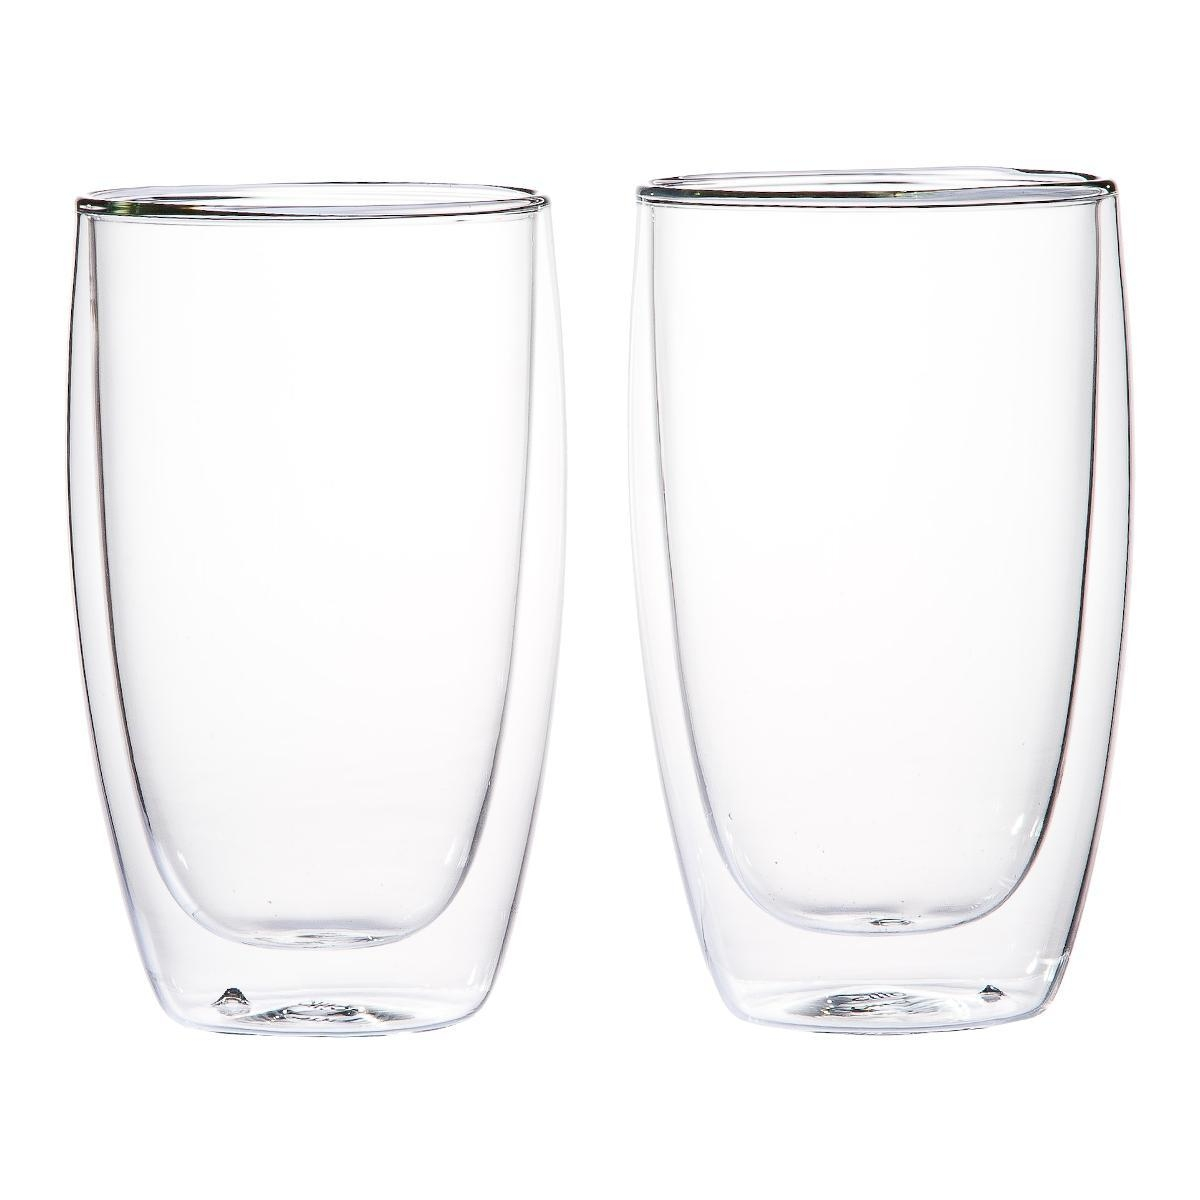 Cilio Set 2 skleněných šálků na latte machiato 450 ml